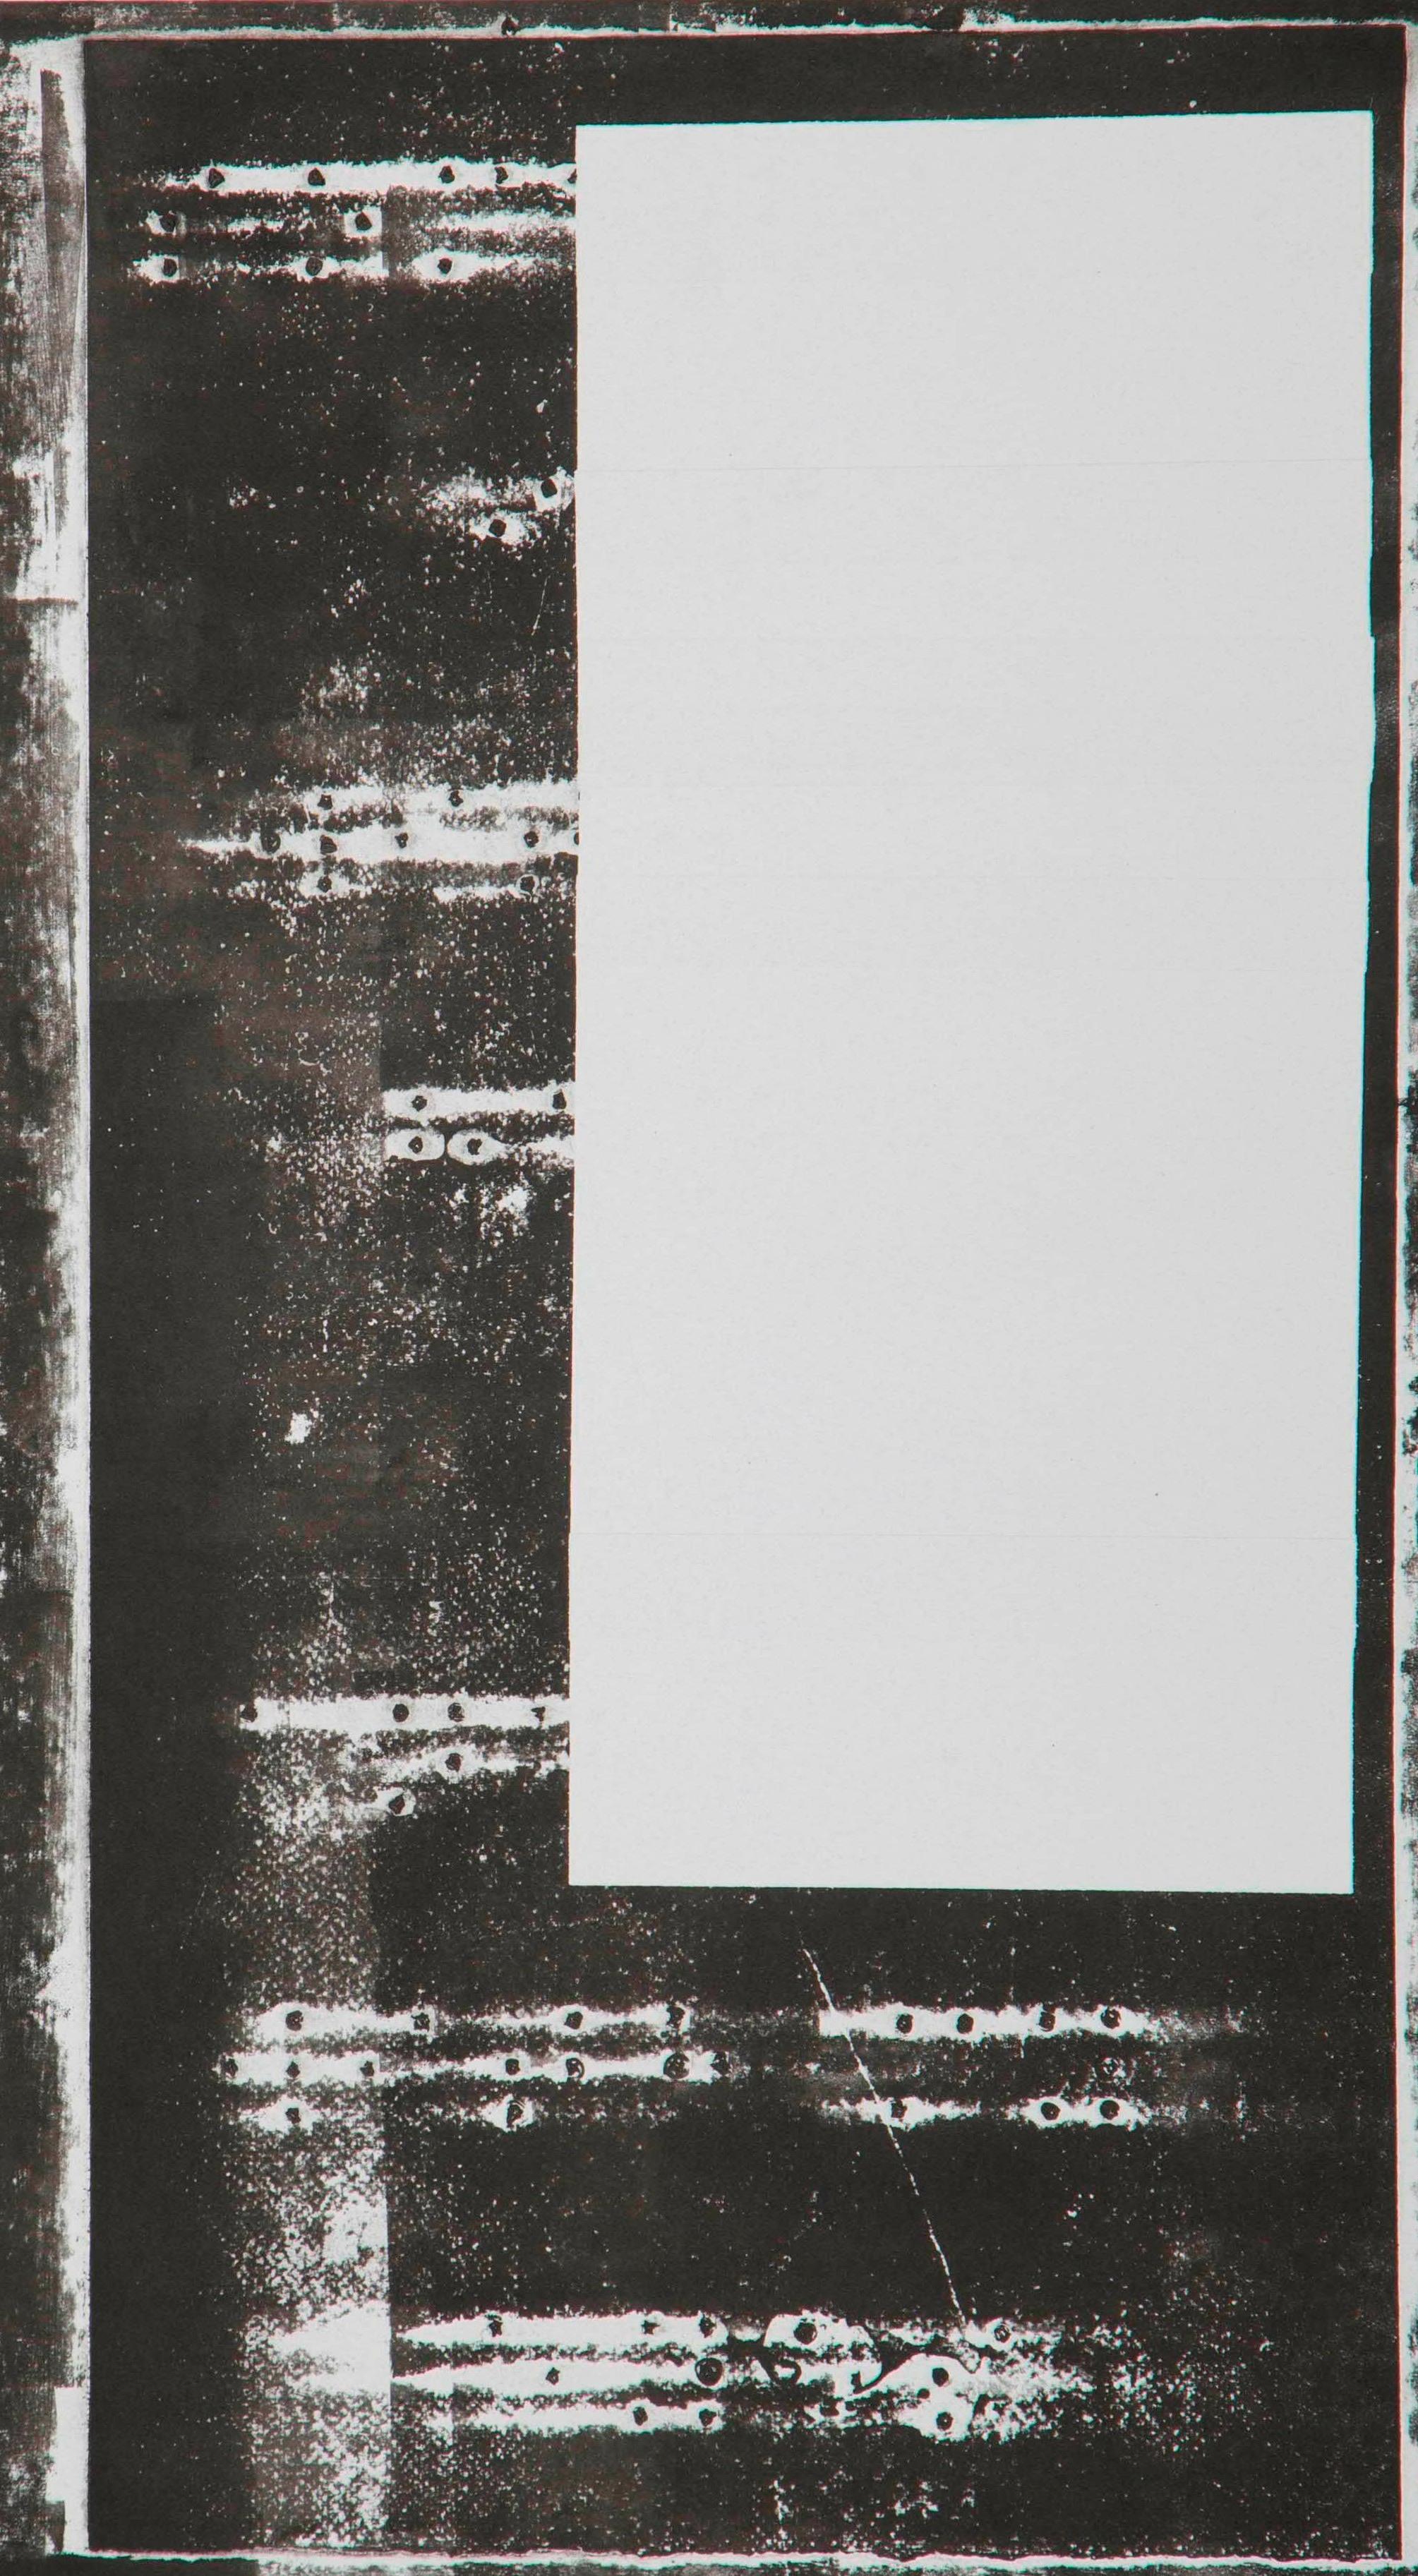 braille emboss I